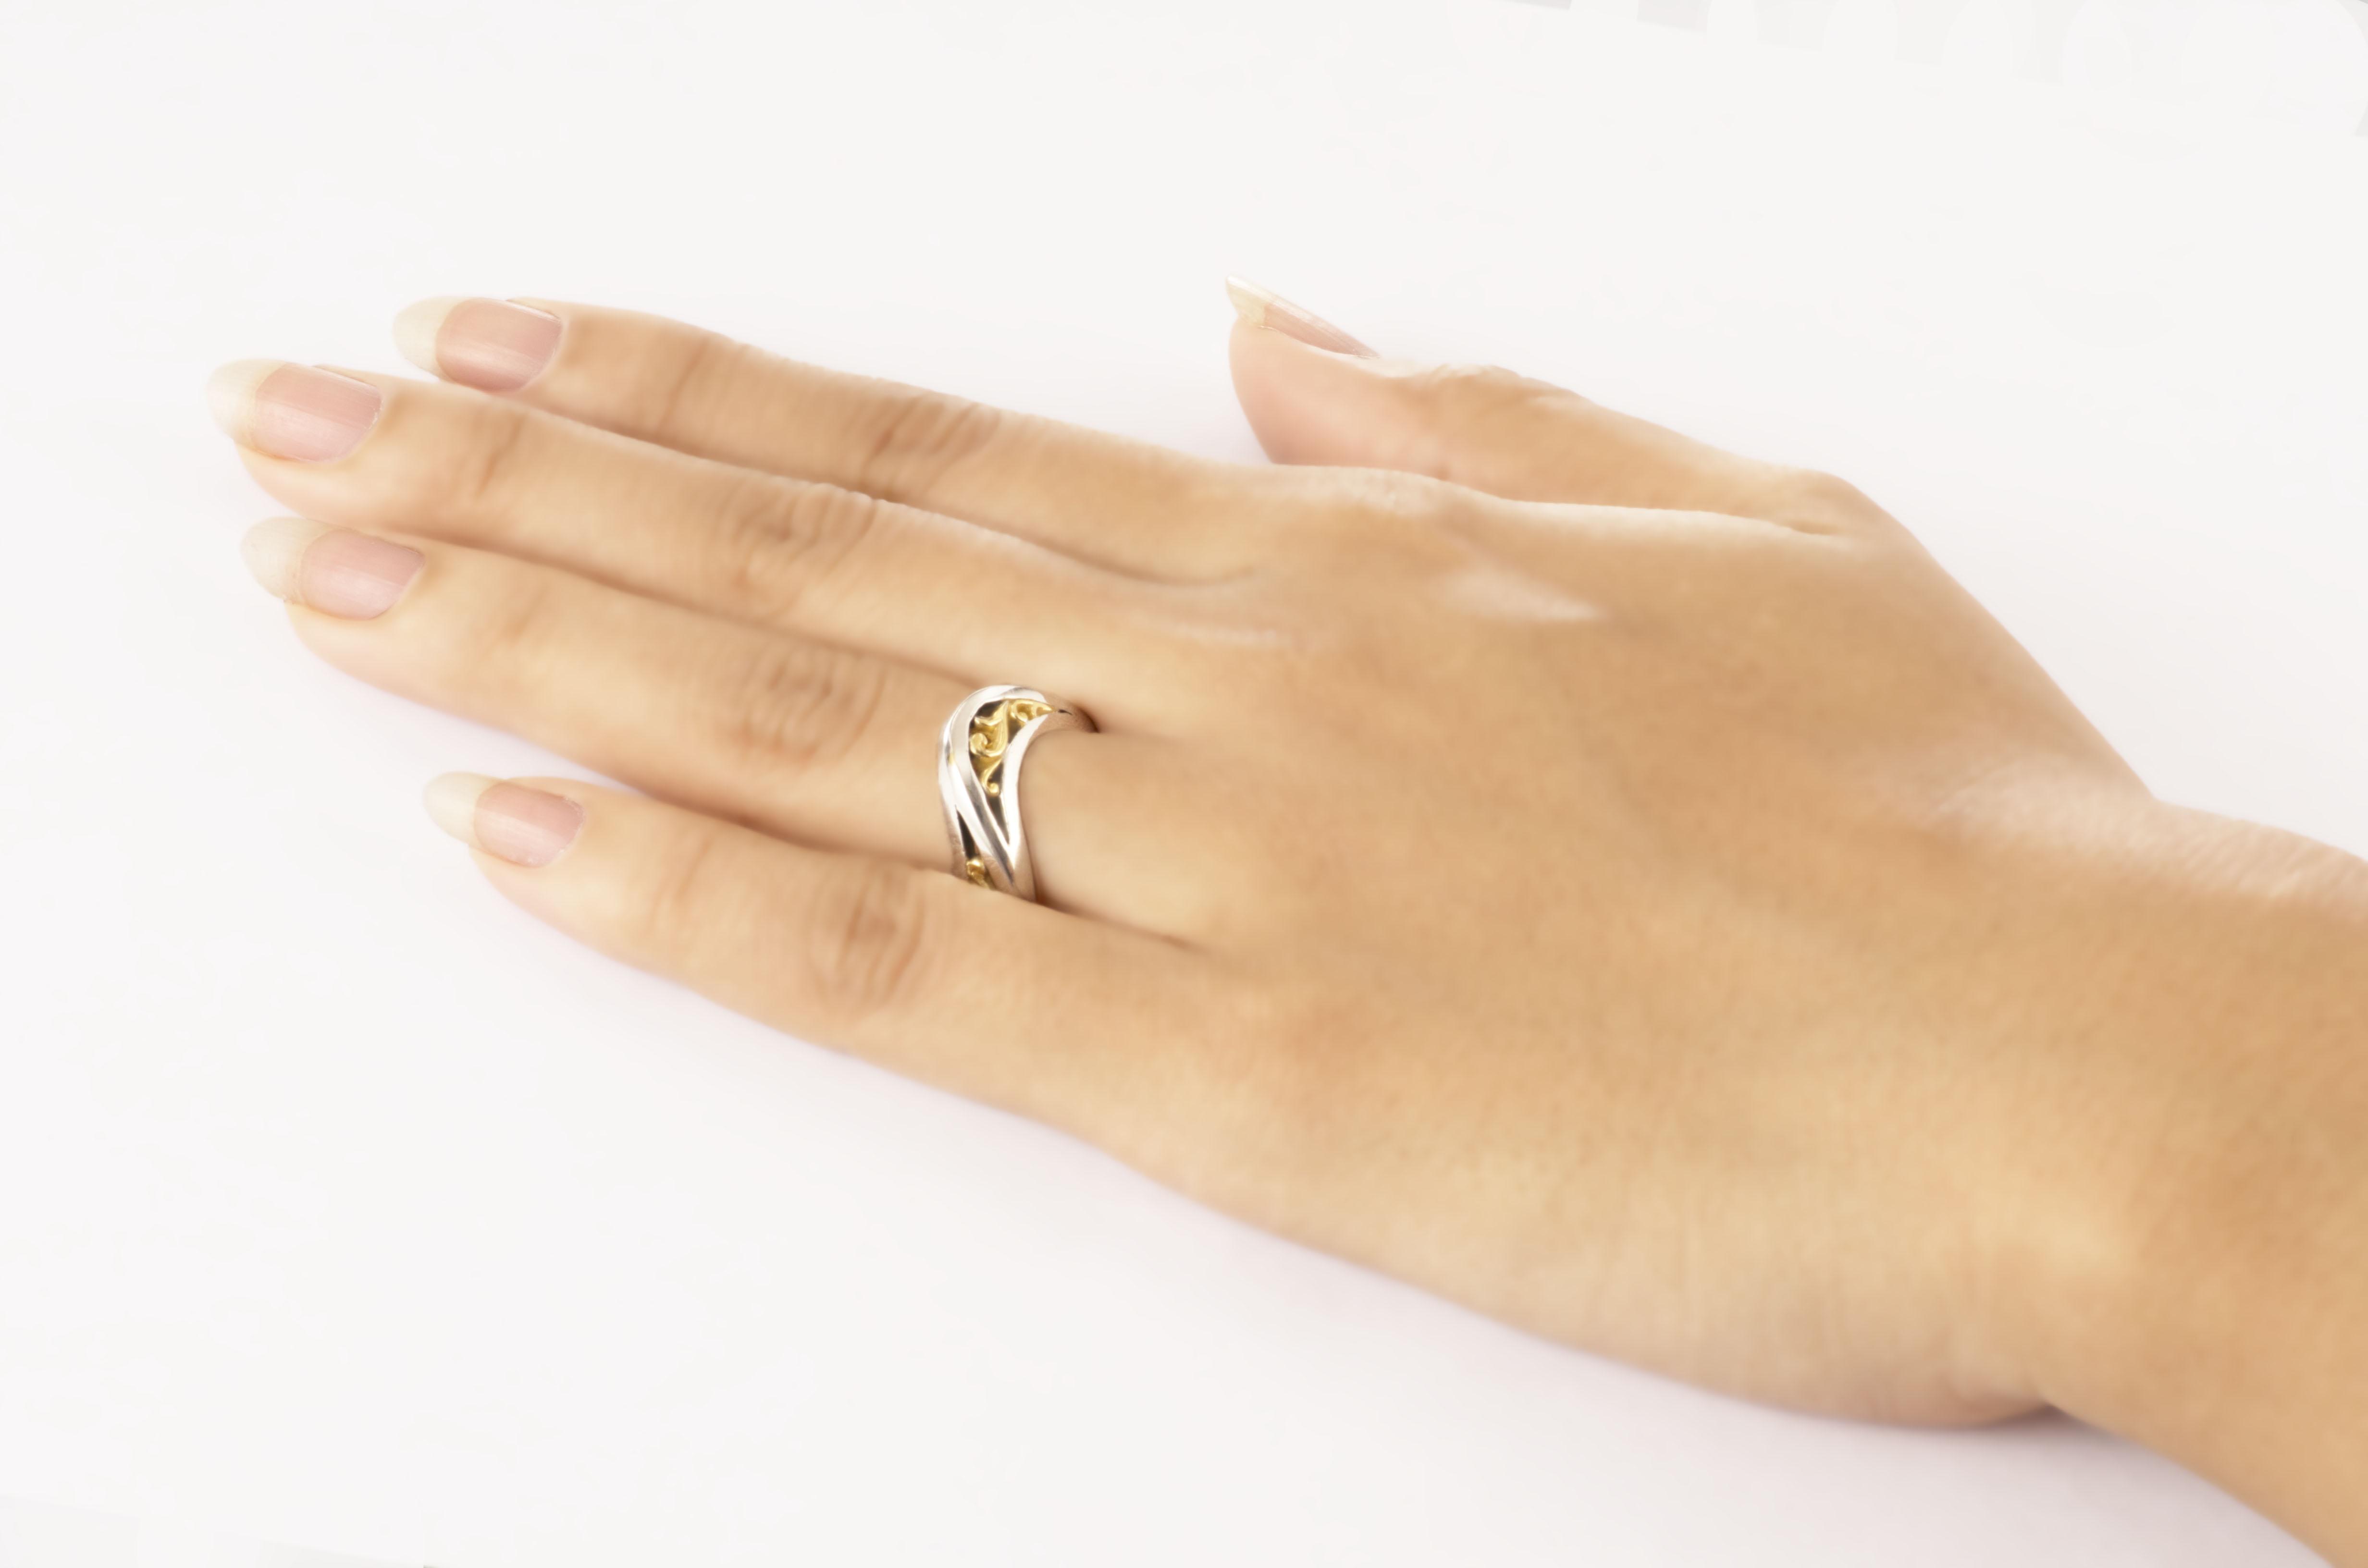 KS089-finger